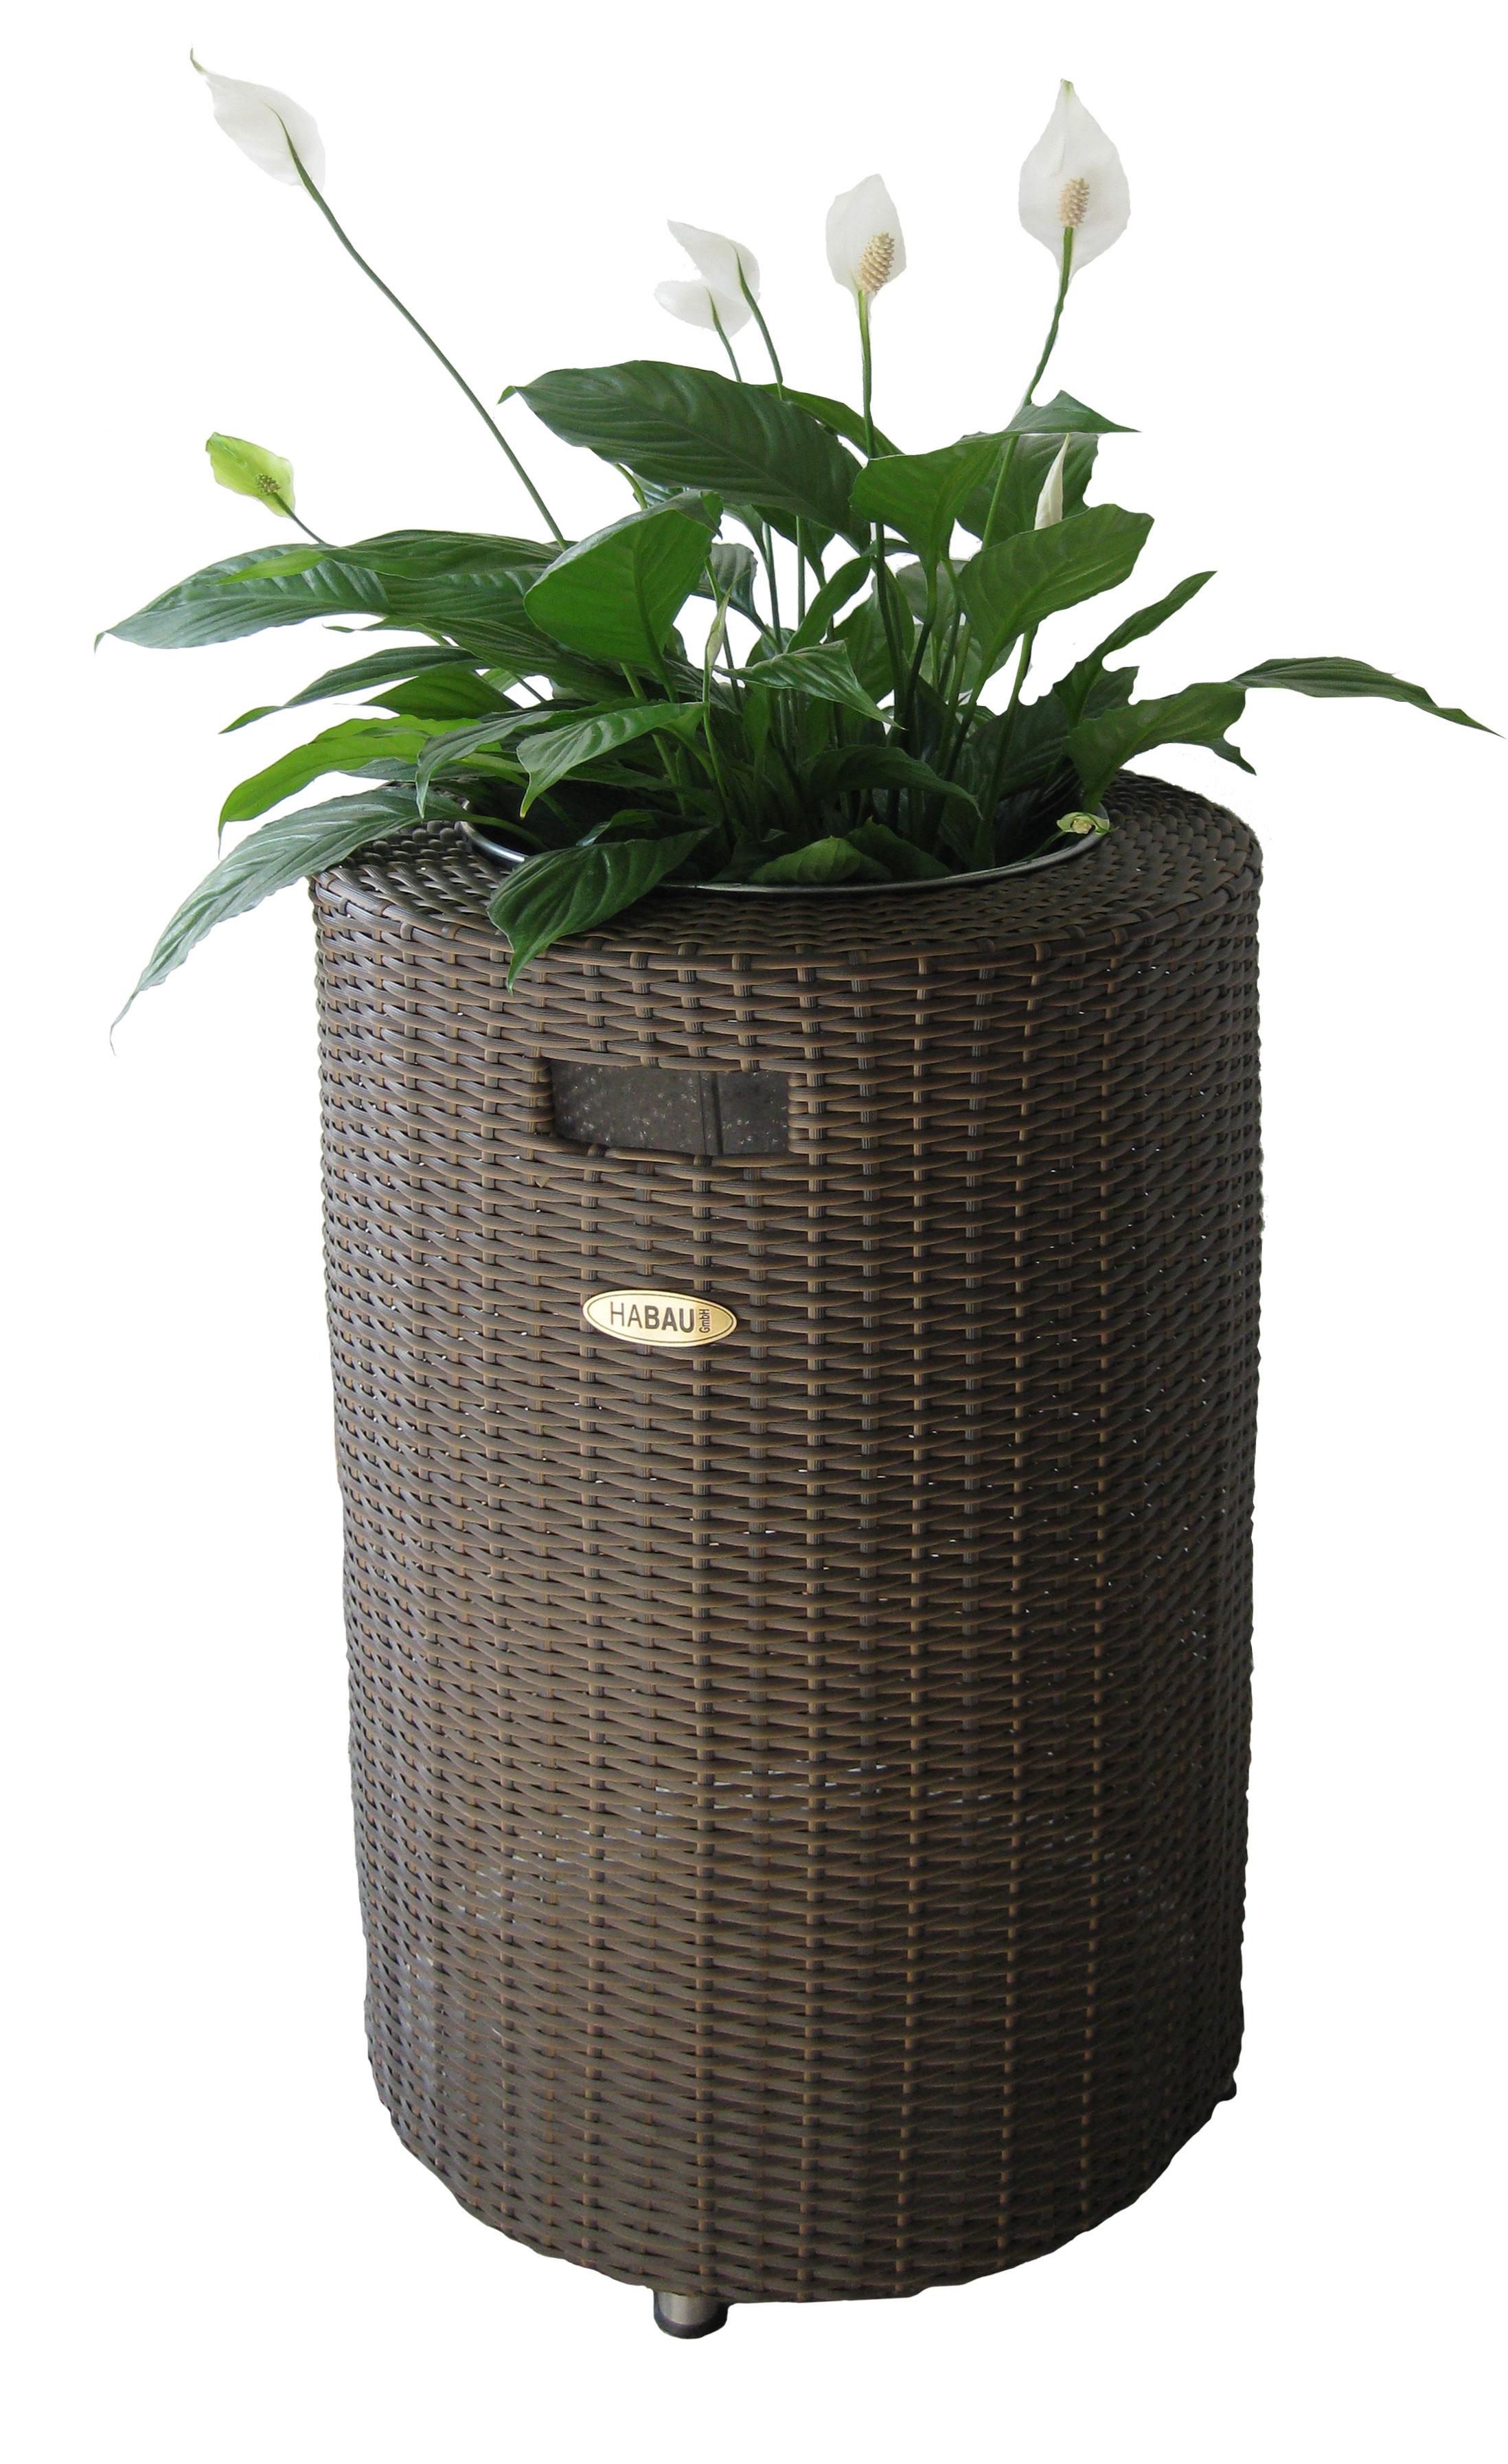 Pflanzsäule / Pflanzgefäß Habau Miami aus Polyethylen 40x40x70cm Bild 1